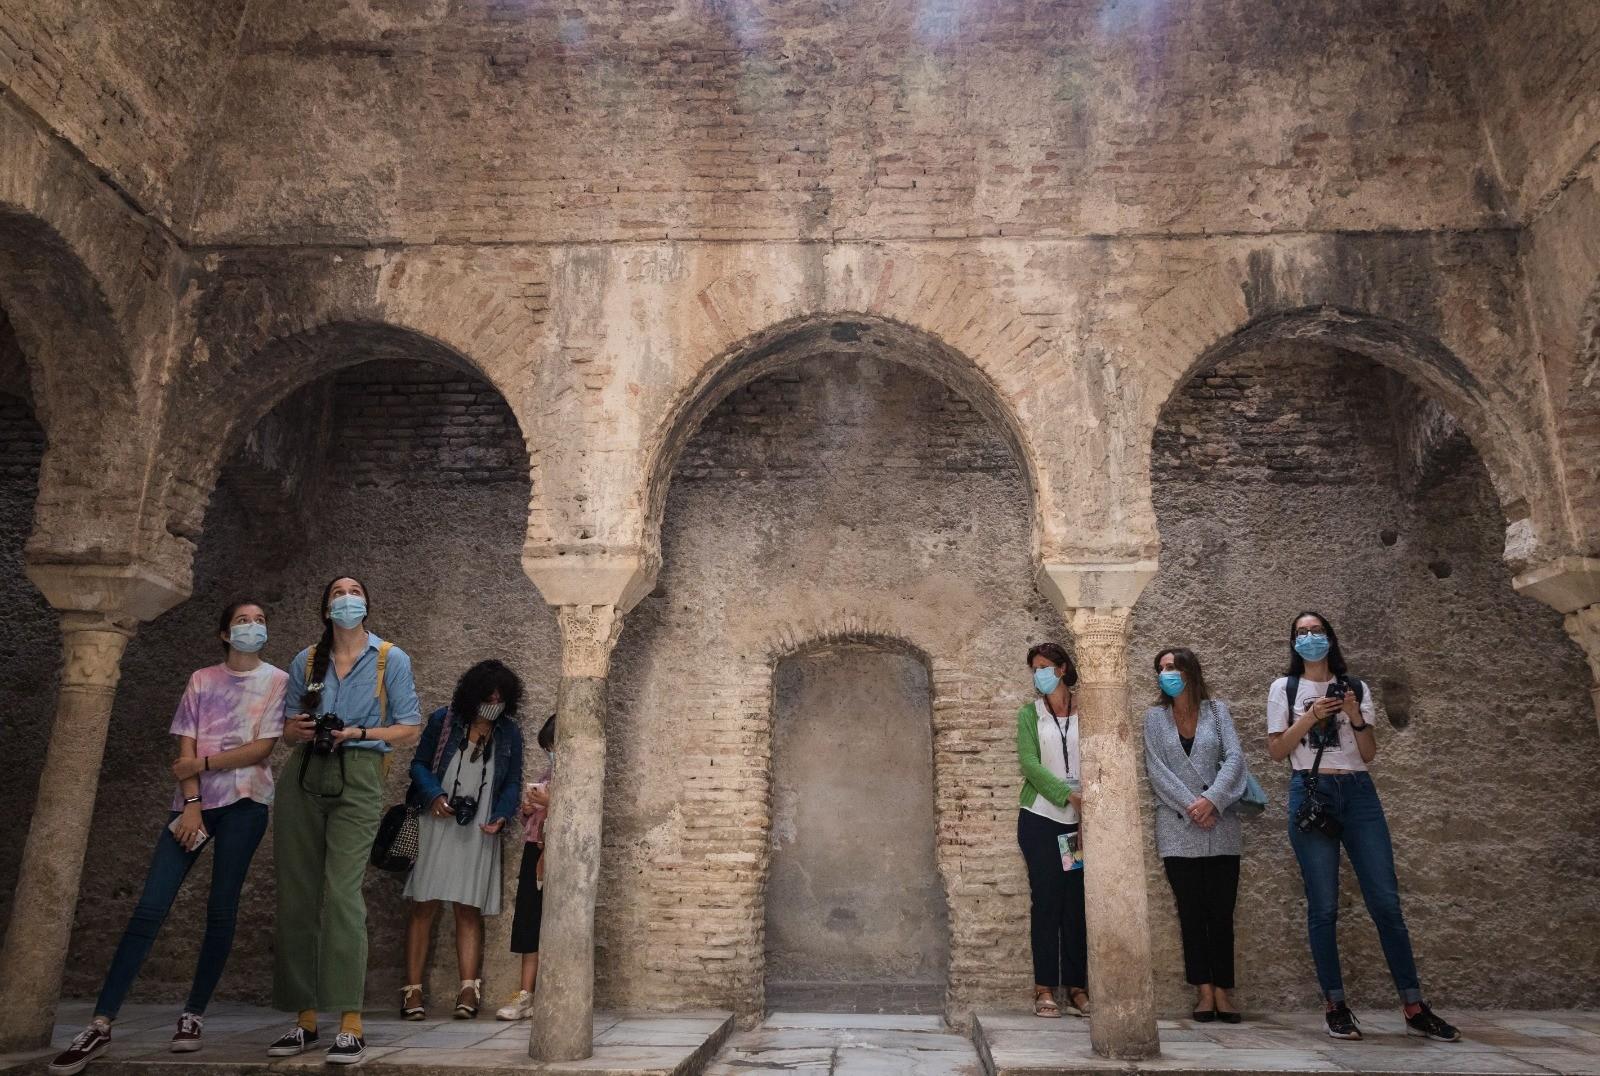 La programación estival de la Alhambra acerca el patrimonio a más de 350 personas